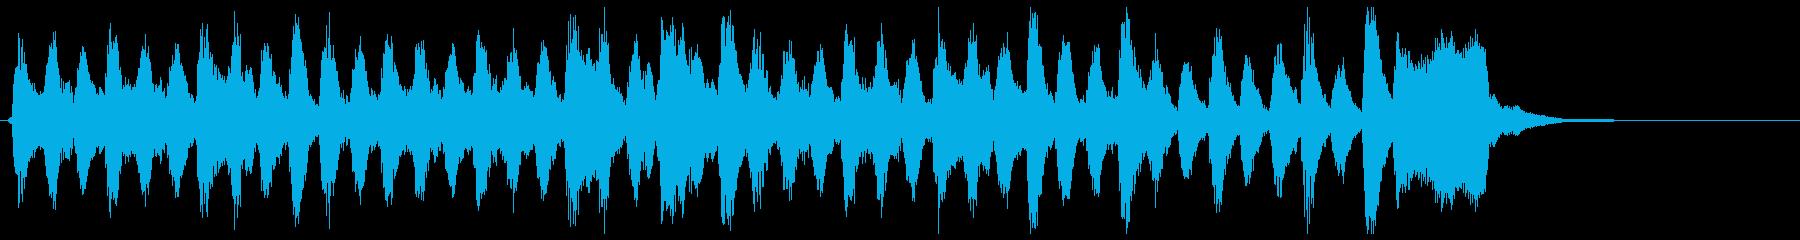 弦楽四重奏、アンティーク、古風なジングルの再生済みの波形